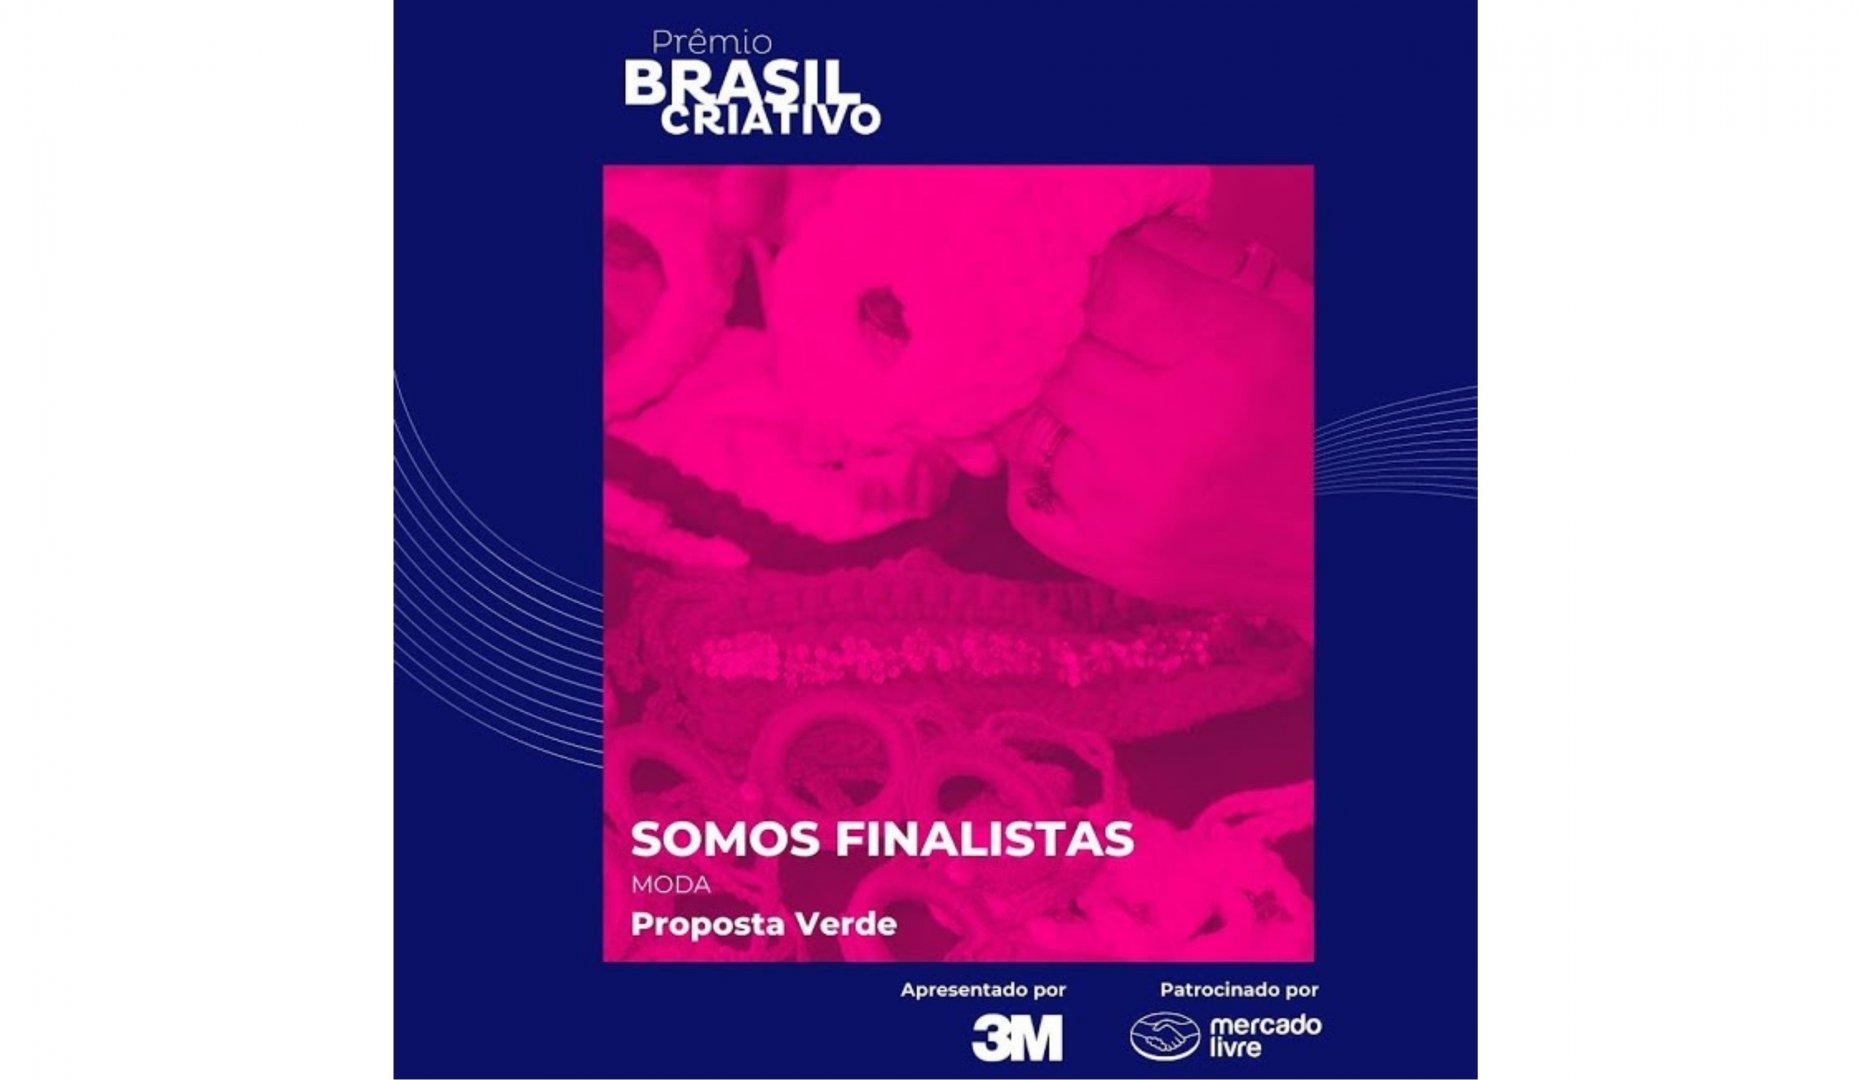 Empresa rio-sulense Proposta Verde, é finalista do Prêmio Brasil Criativo